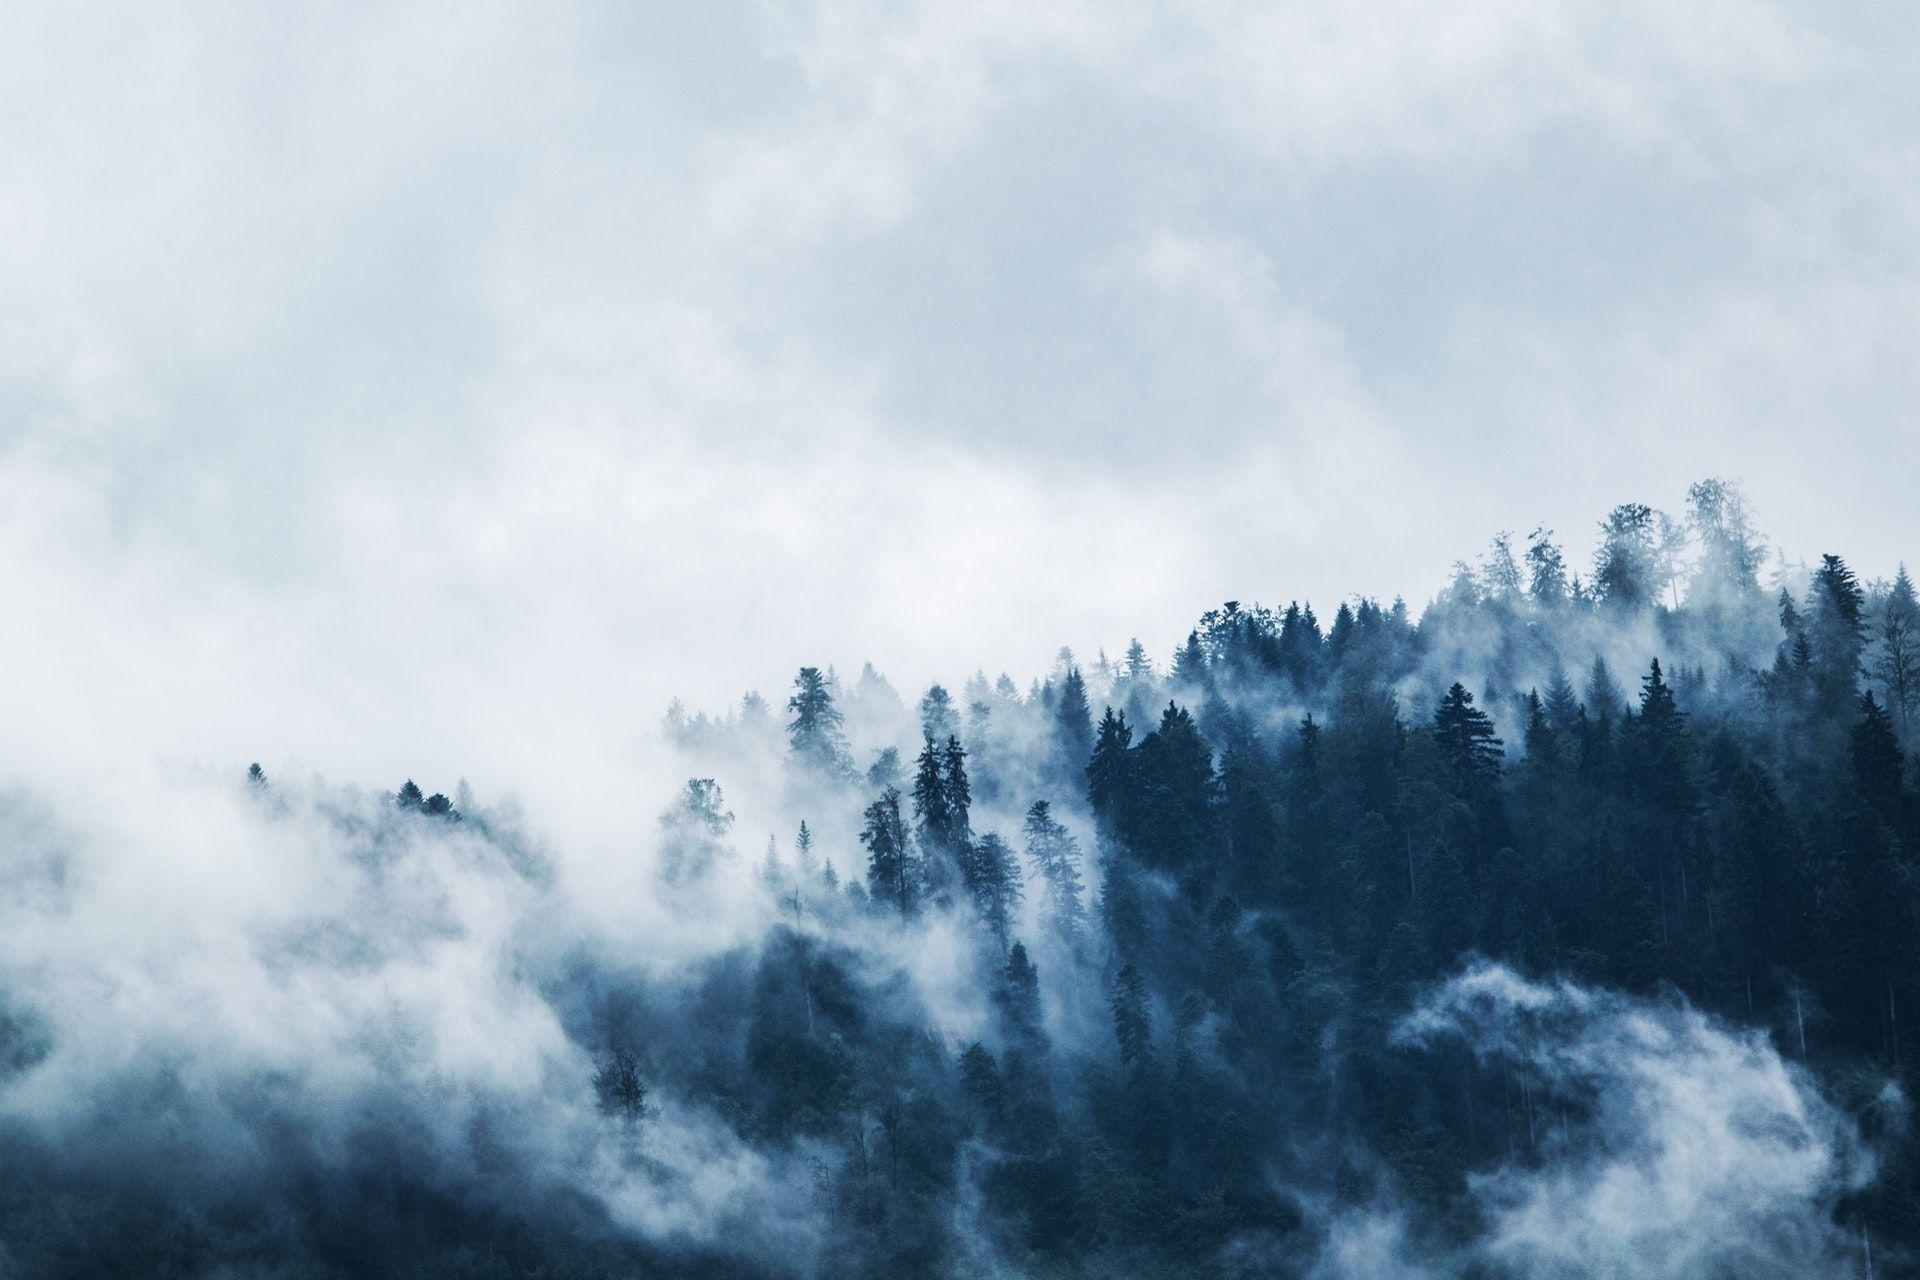 عکس زمینه درختان کاج سبز در مه سفید پس زمینه